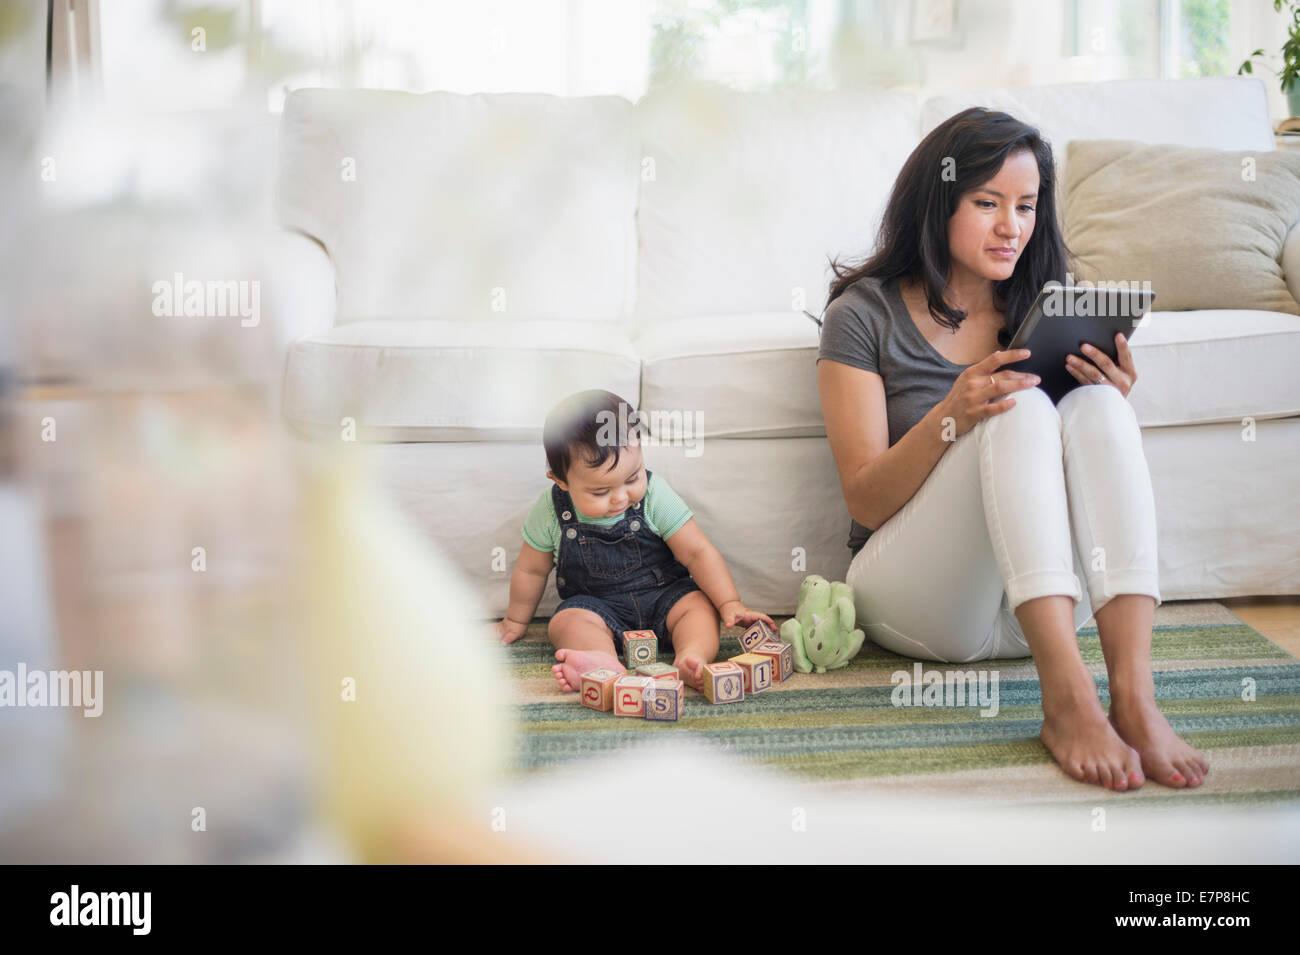 Madre utilizando tablet pc mientras su hijo (6-11 meses) jugando con bloques de construcción Imagen De Stock